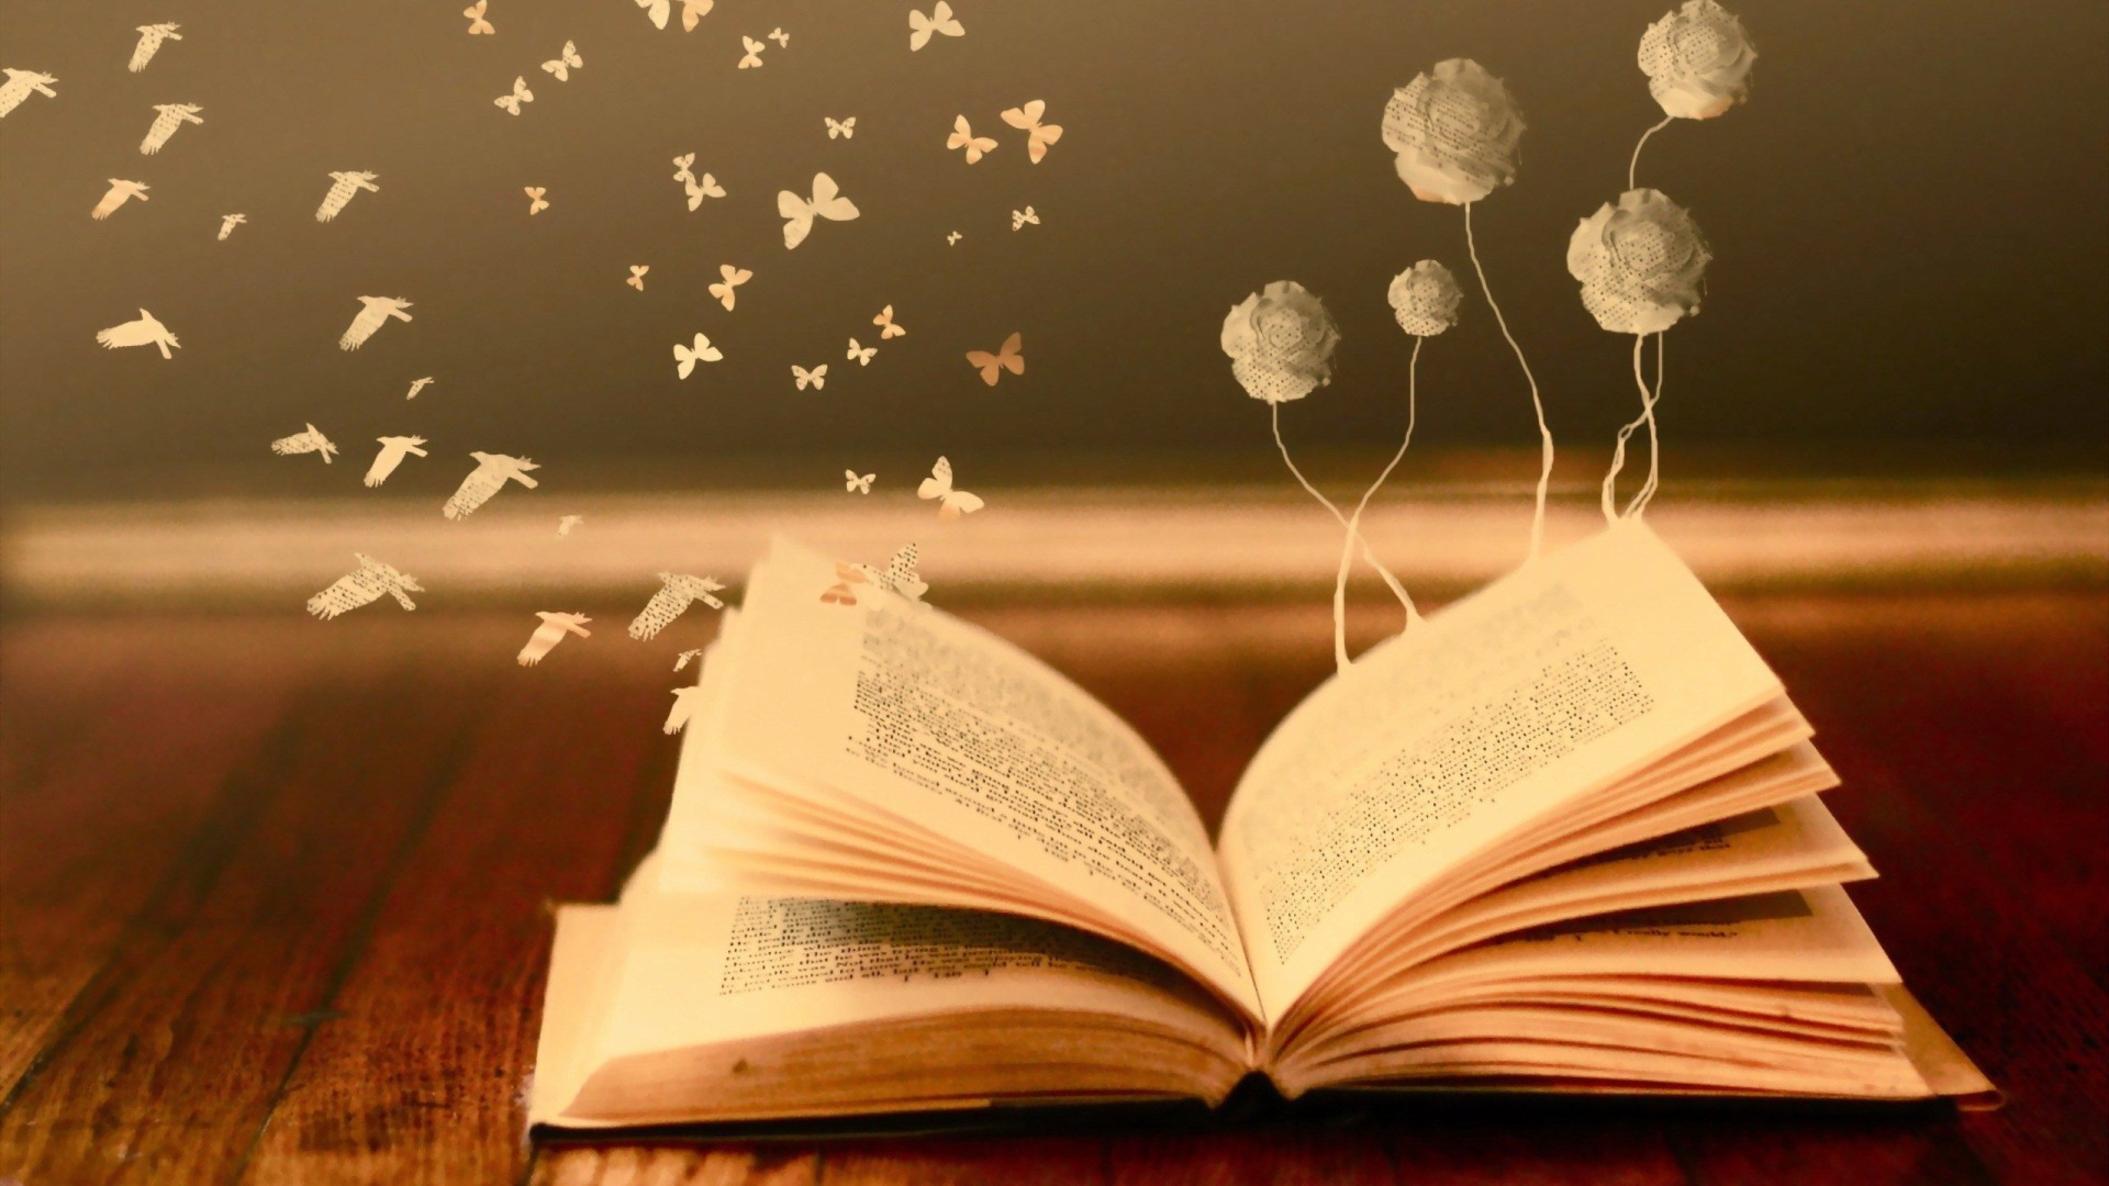 Kitap Okumanın Faydalarıyla İlgili Afişler